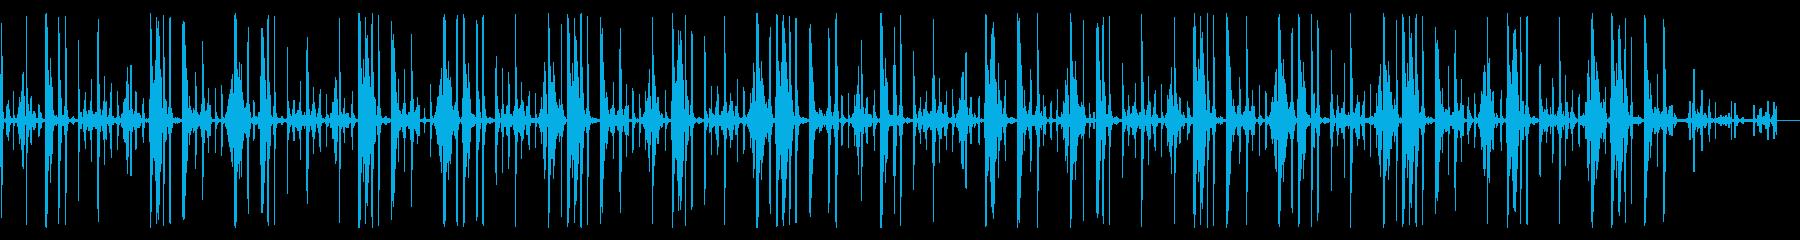 キックなし、119 BPMの再生済みの波形